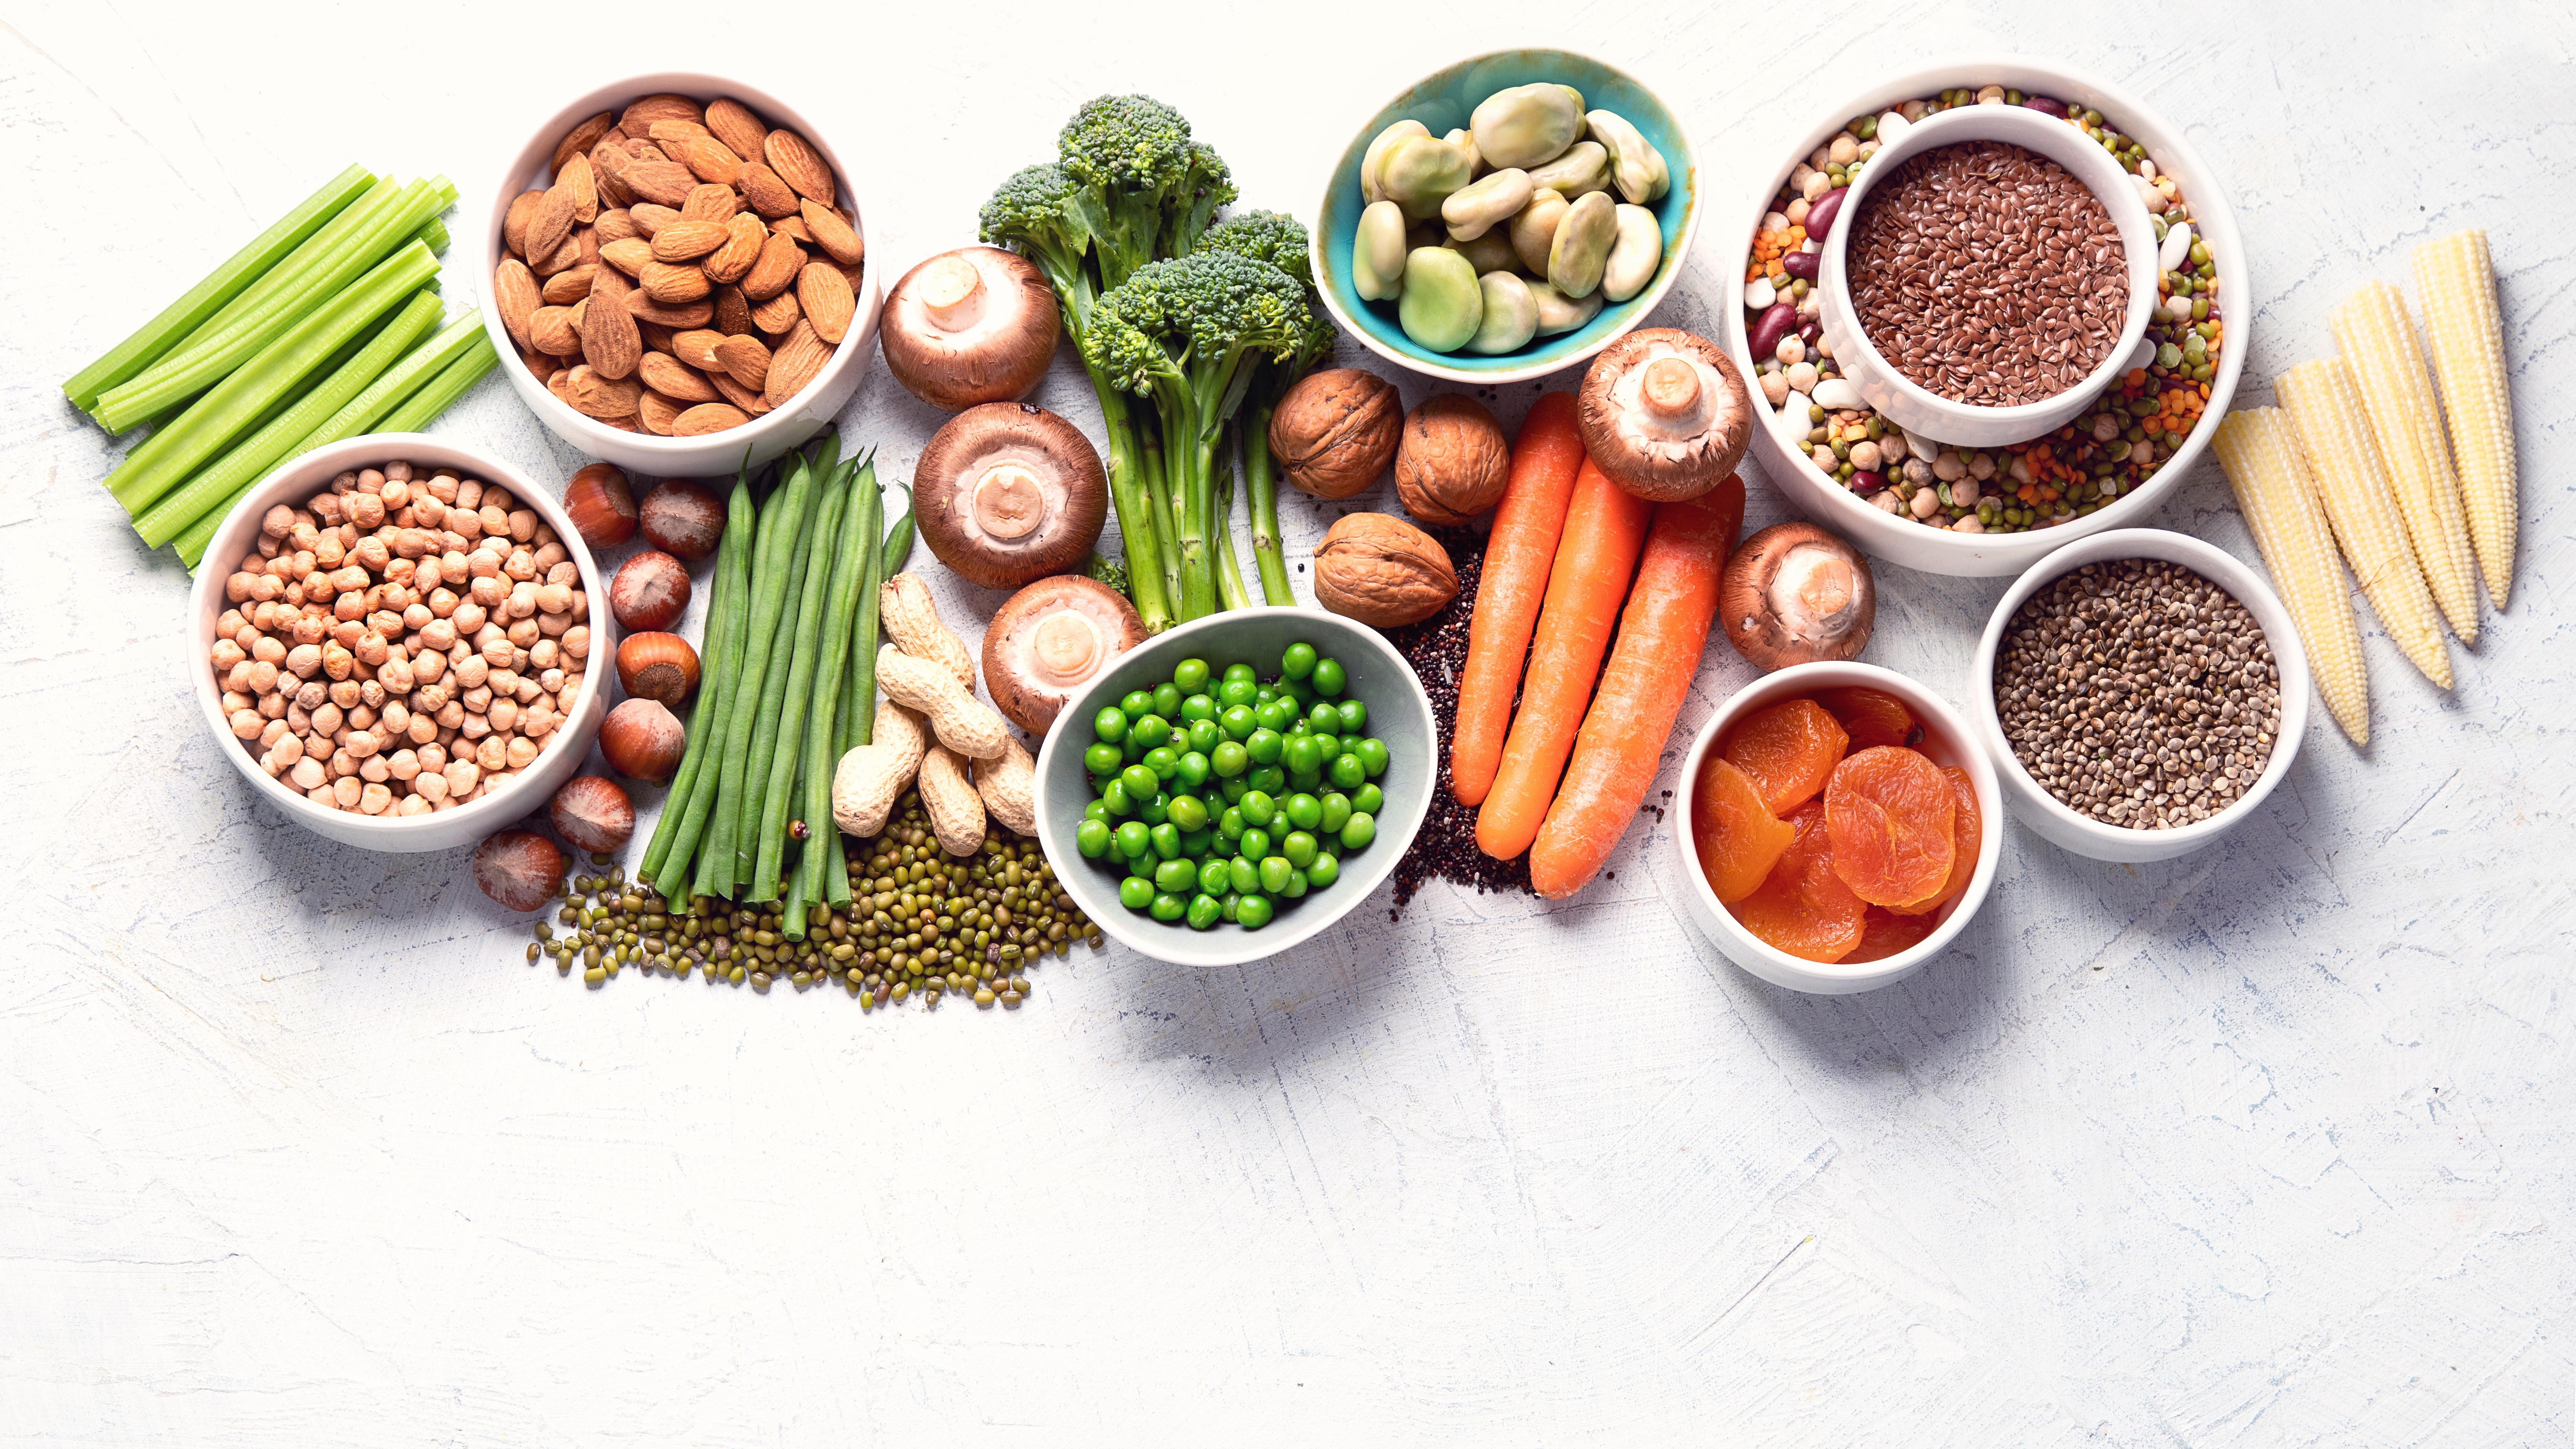 Bientôt un régime optimal pour la santé métabolique sans privation ou restriction calorique ? (Visuel Adobe Stock 303102897)